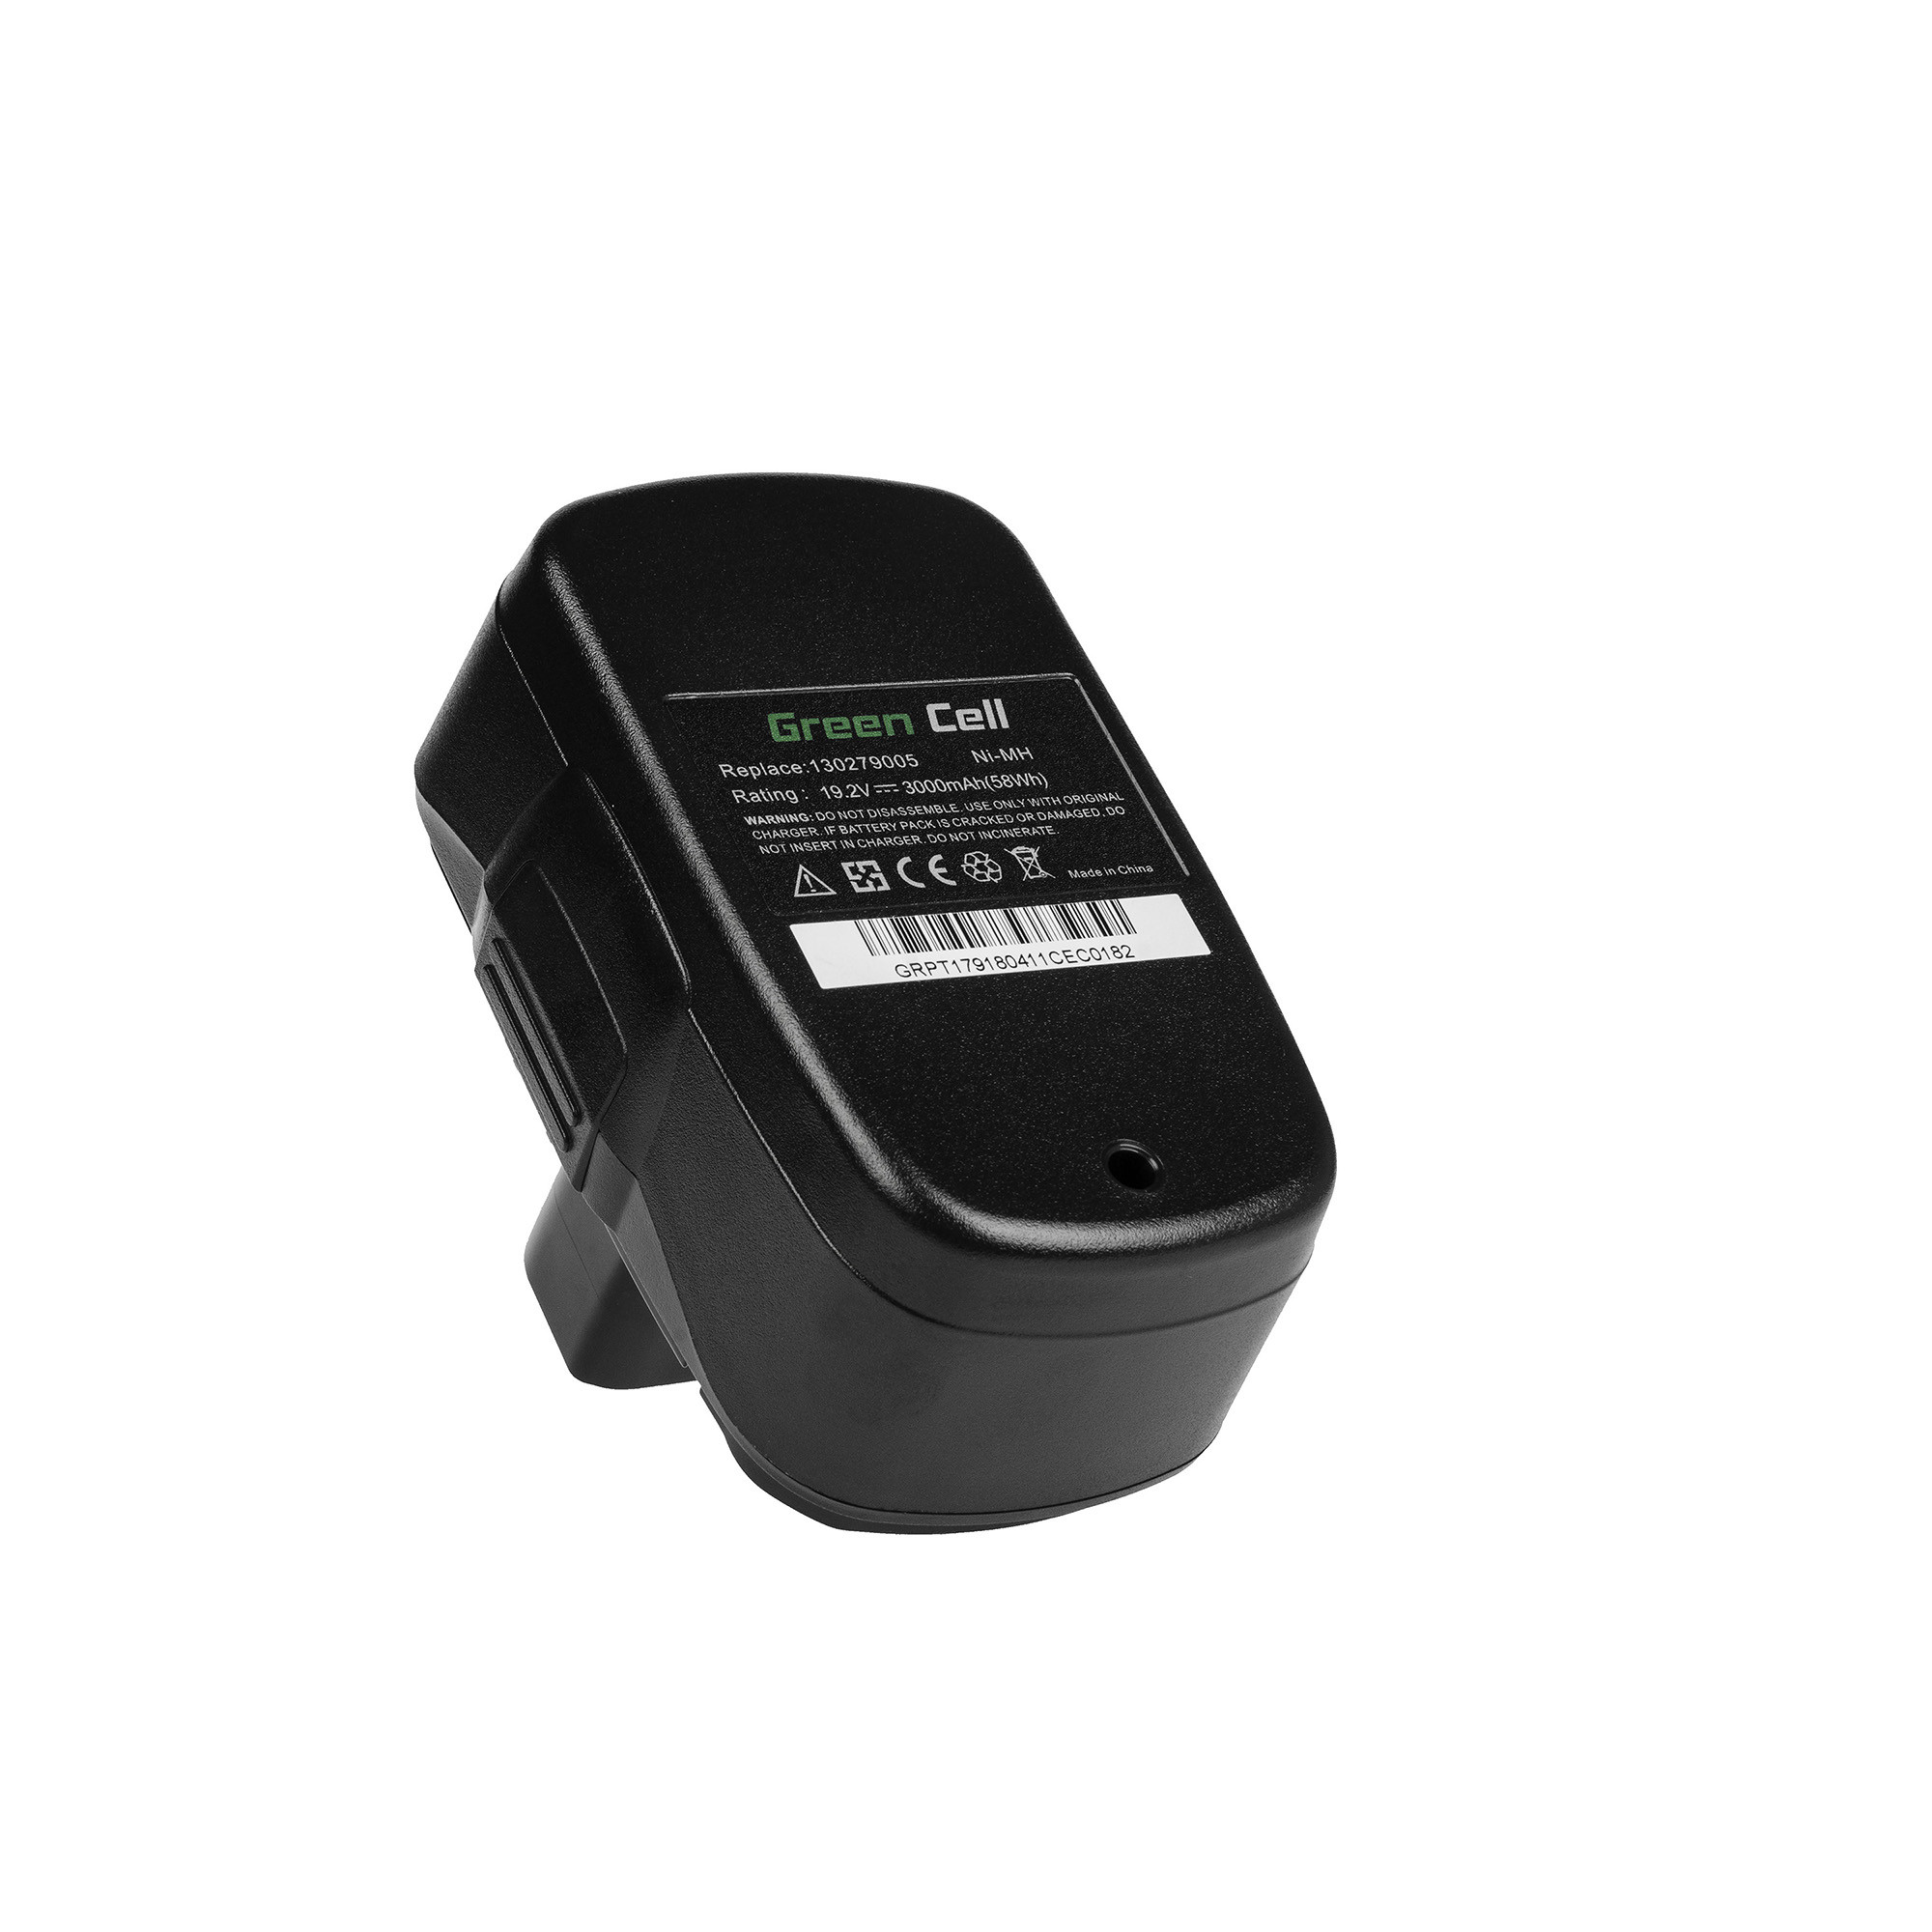 Baterie Green Cell Craftsman C3 XCP 19.2V CRS1000 ID2030 11485 114850 114852 115410 17191 5727.1 19.2V 2000mAh Ni-MH – neoriginální